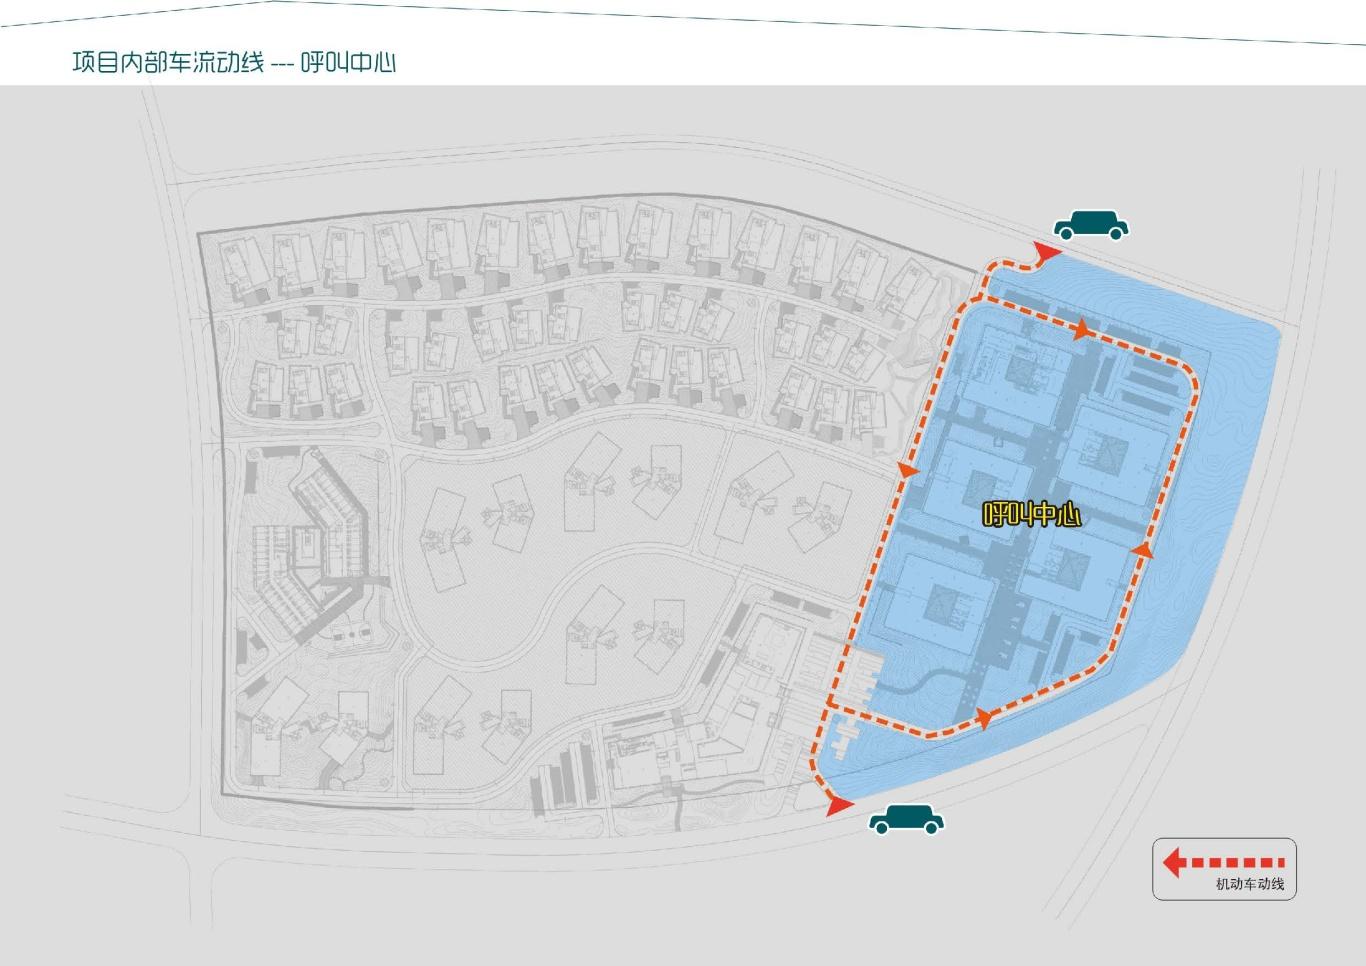 大连泰达慧谷开发区导视系统设计图12